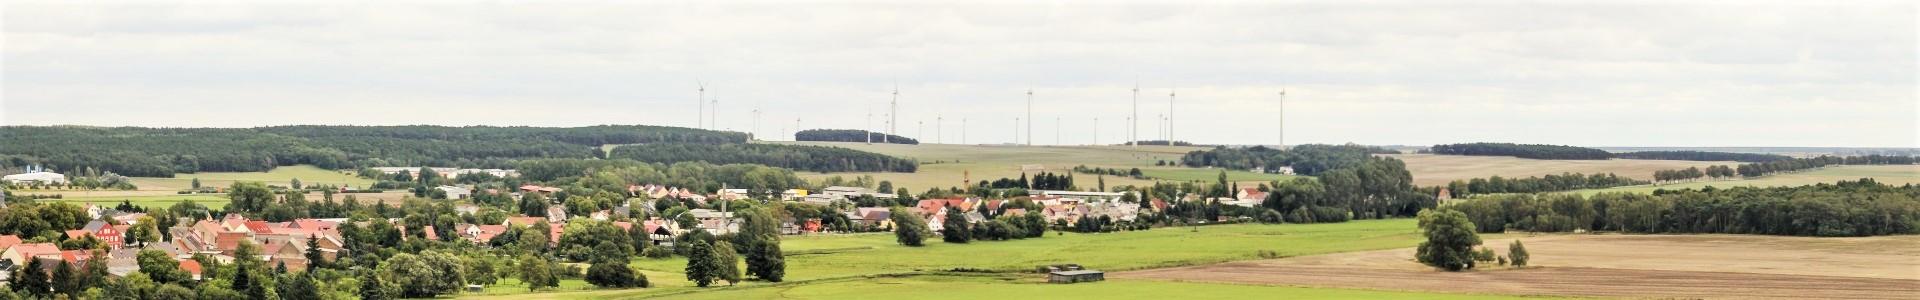 Themenbereich Windenergie Hintergrundbild